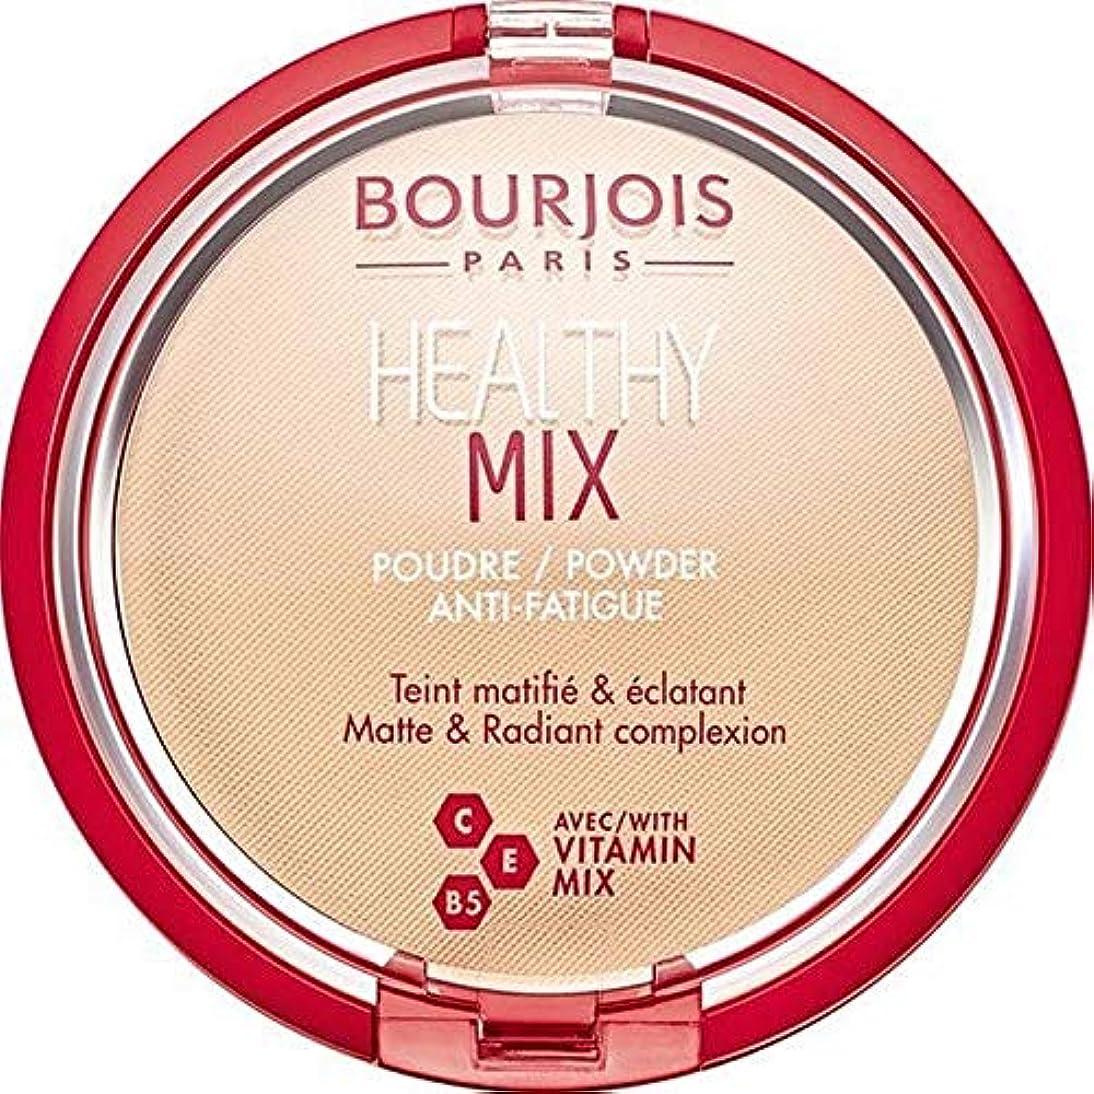 報復するストライドデモンストレーション[Bourjois ] ブルジョワヘルシーミックス粉1を押します - Bourjois Healthy Mix Pressed Powder 1 [並行輸入品]